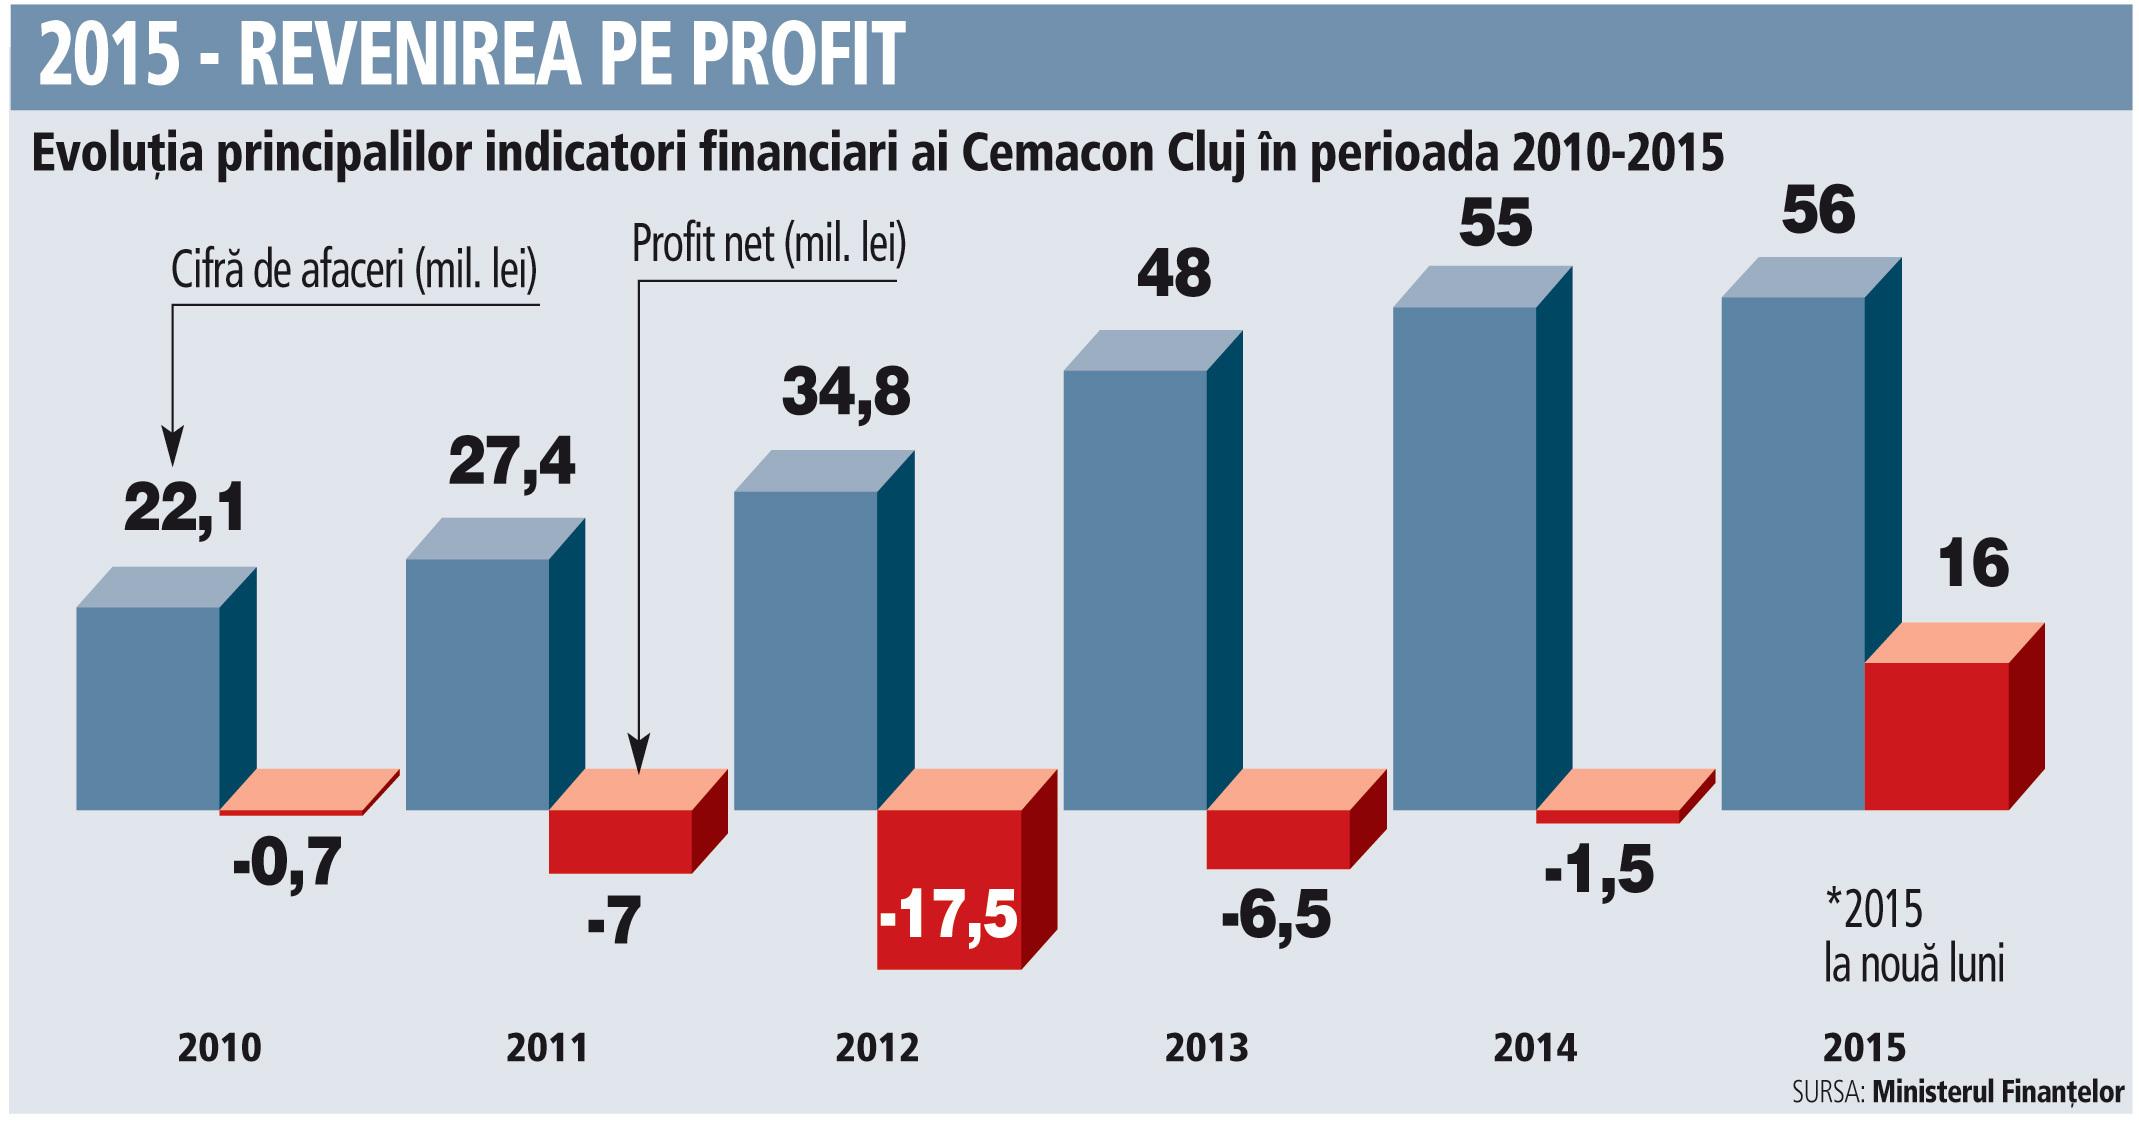 Evoluţia principalilor indicatori financiari ai Cemacon Cluj în perioada 2010-2015